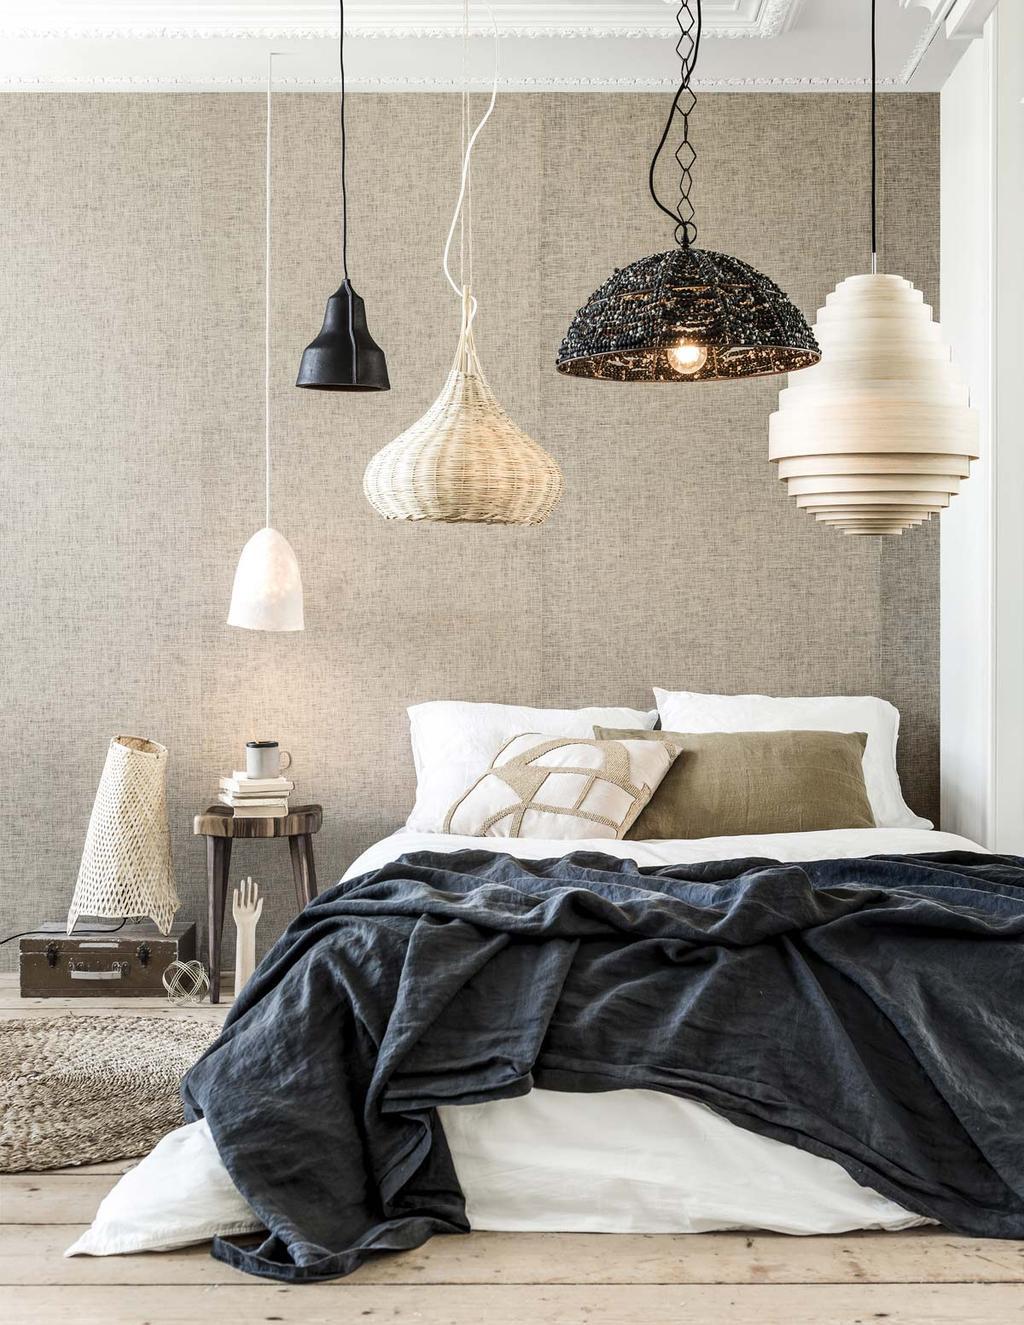 Hanglampen in natuurlijke materialen in de slaapkamer.